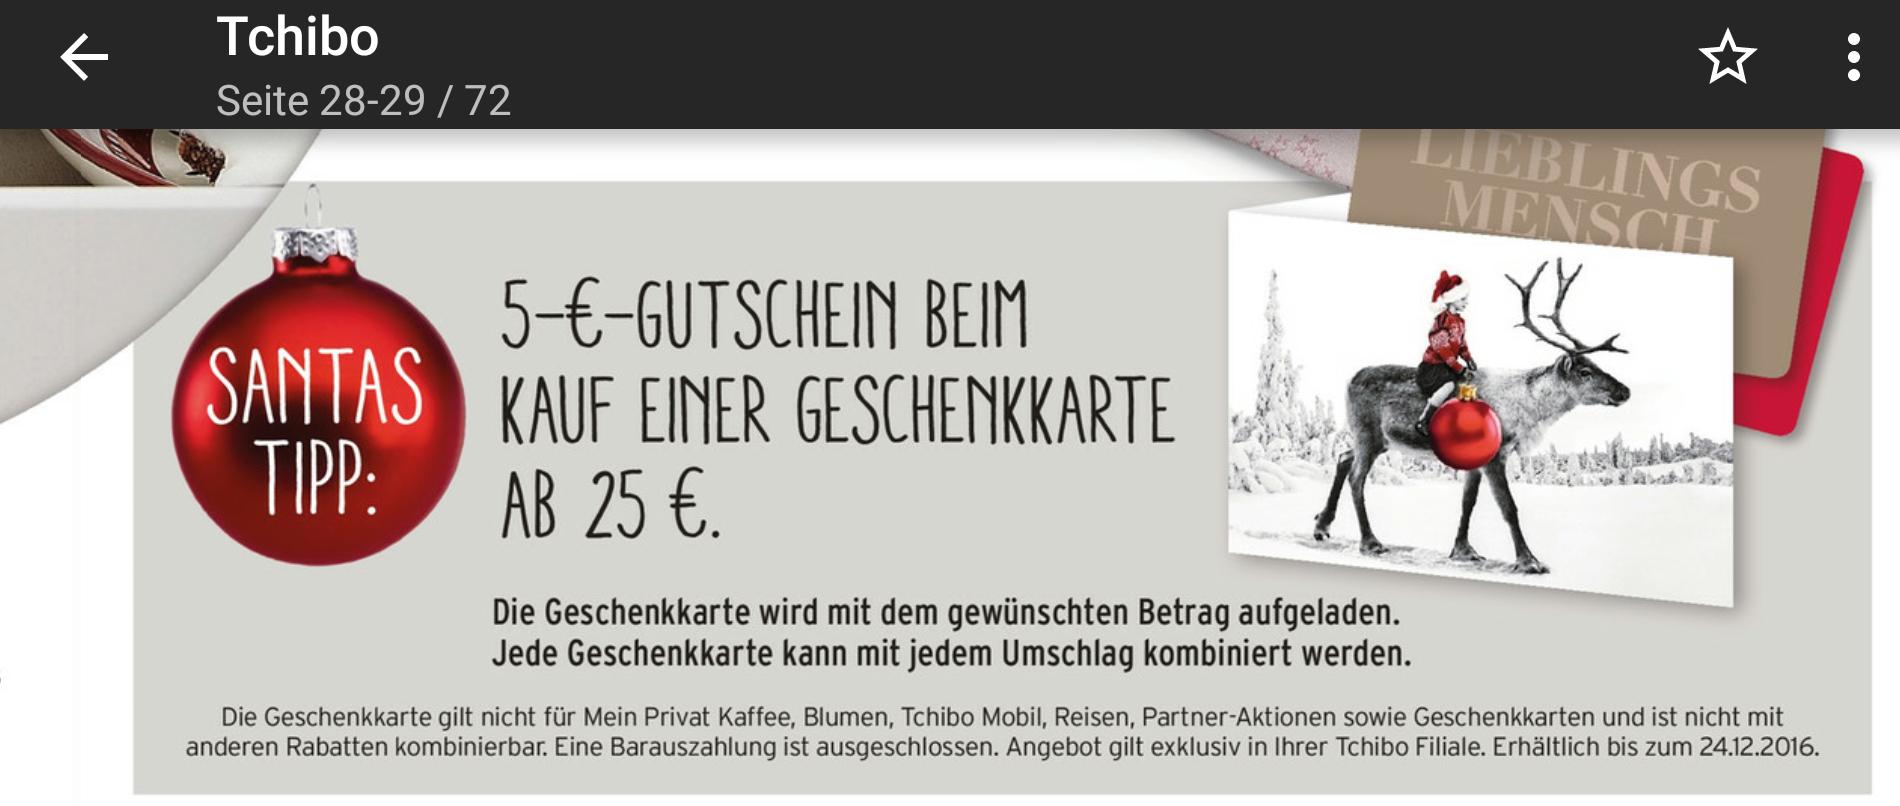 Tchibo Filialen: 25 Euro Geschenkkarte kaufen und 5 Euro Gutscheinkarte obendrauf erhalten